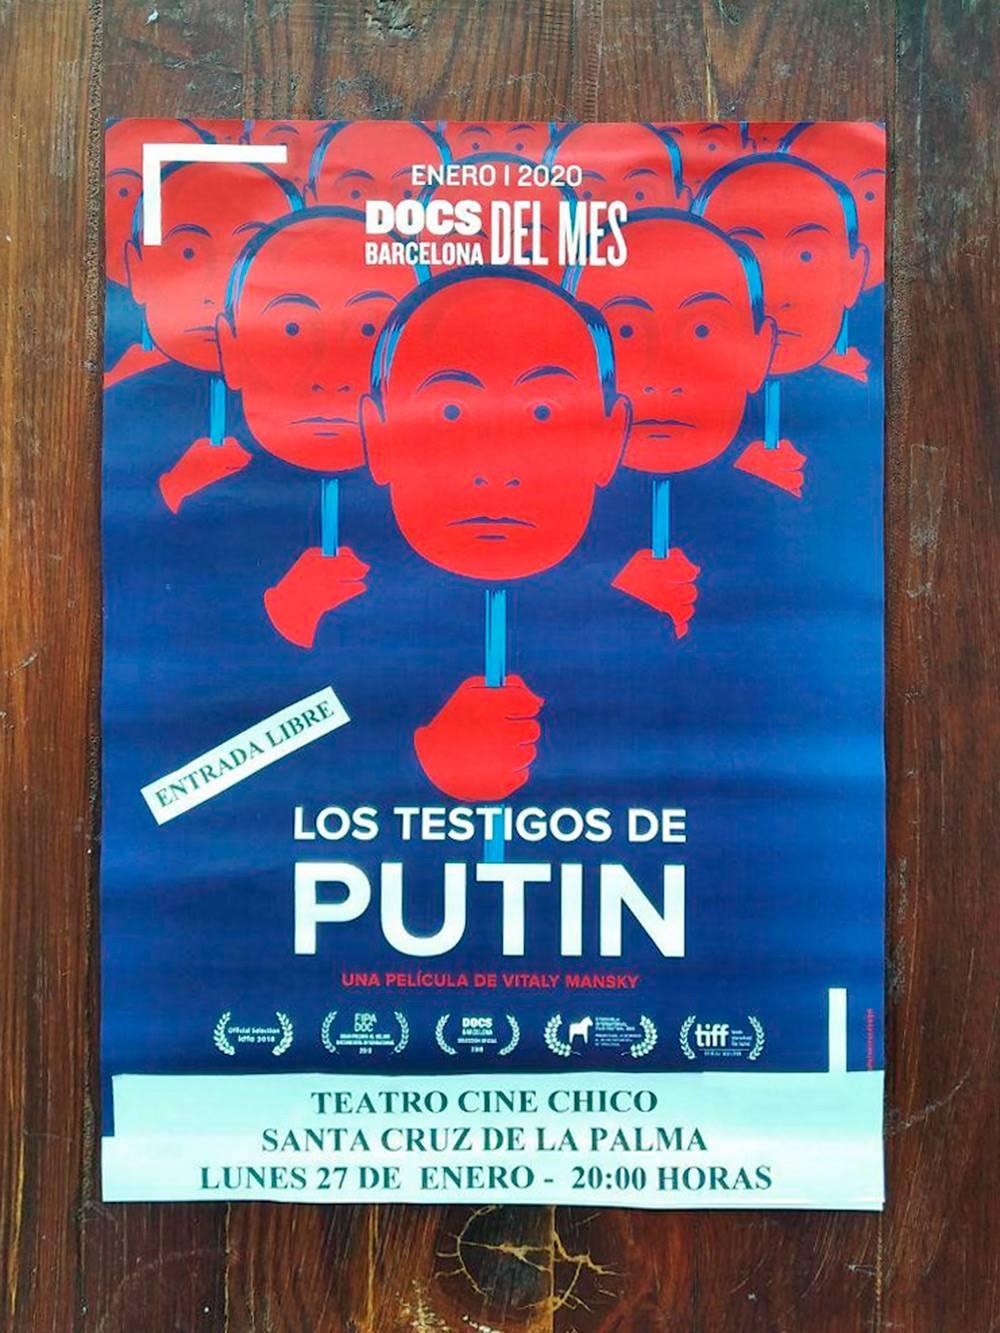 В городе есть кинотеатр и театр, в котором тоже иногда показывают кино. Помимо платных сеансов показывают бесплатные документальные фильмы — так мы сходили на документальный фильм «Свидетели Путина» на русском языке с испанскими субтитрами